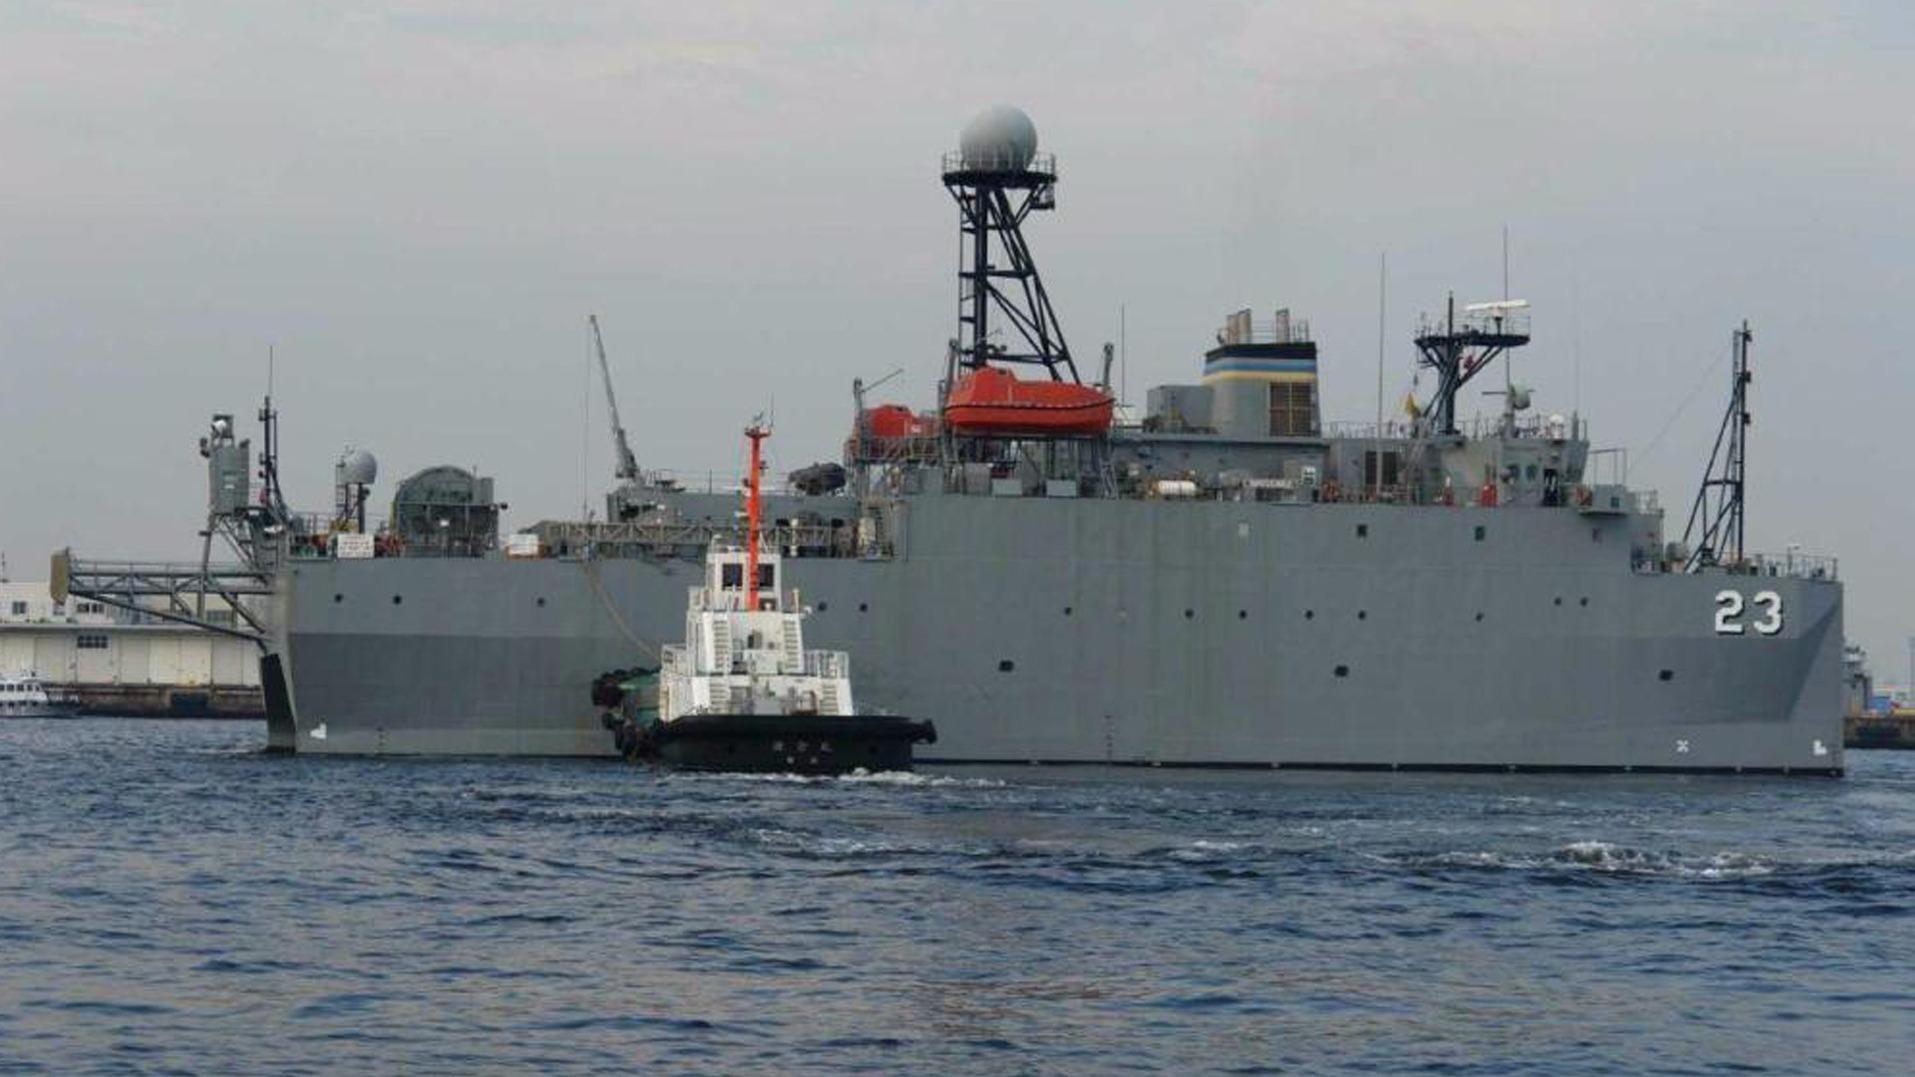 美军侦察船赖在南海两周 对解放军潜艇威胁很大?